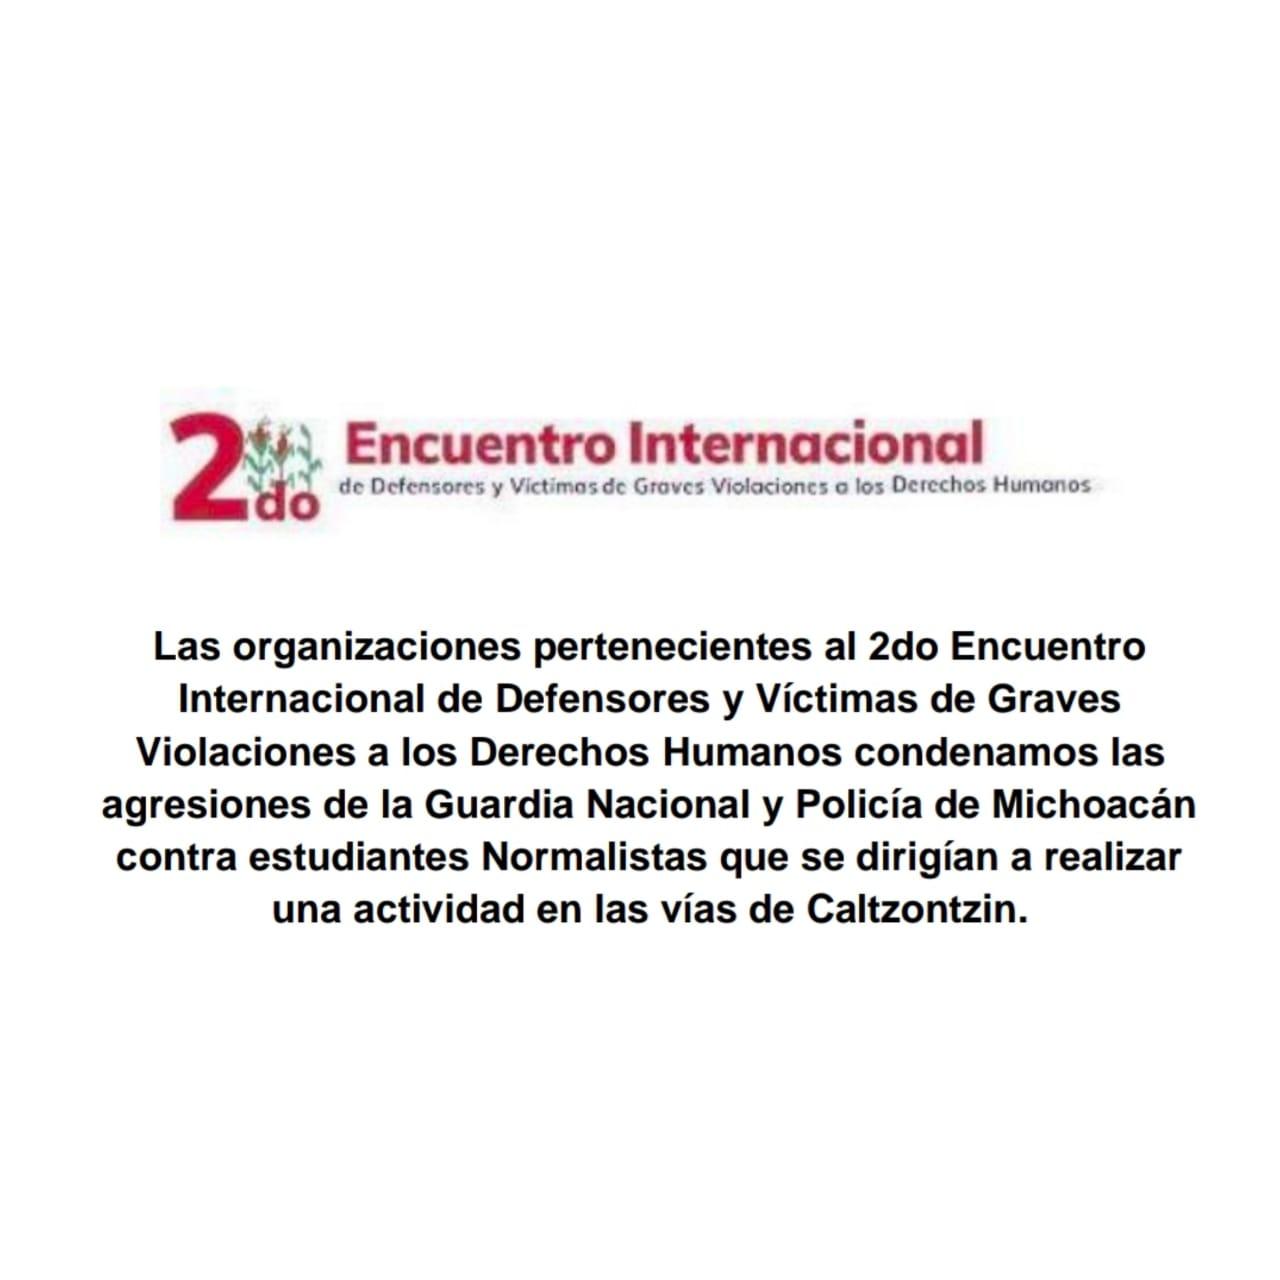 Condenamos las agresiones de la Guardia Nacional y Policía de Michoacán contra estudiantes Normalistas que se dirigían a realizar una actividad en las vías de Caltzontzin